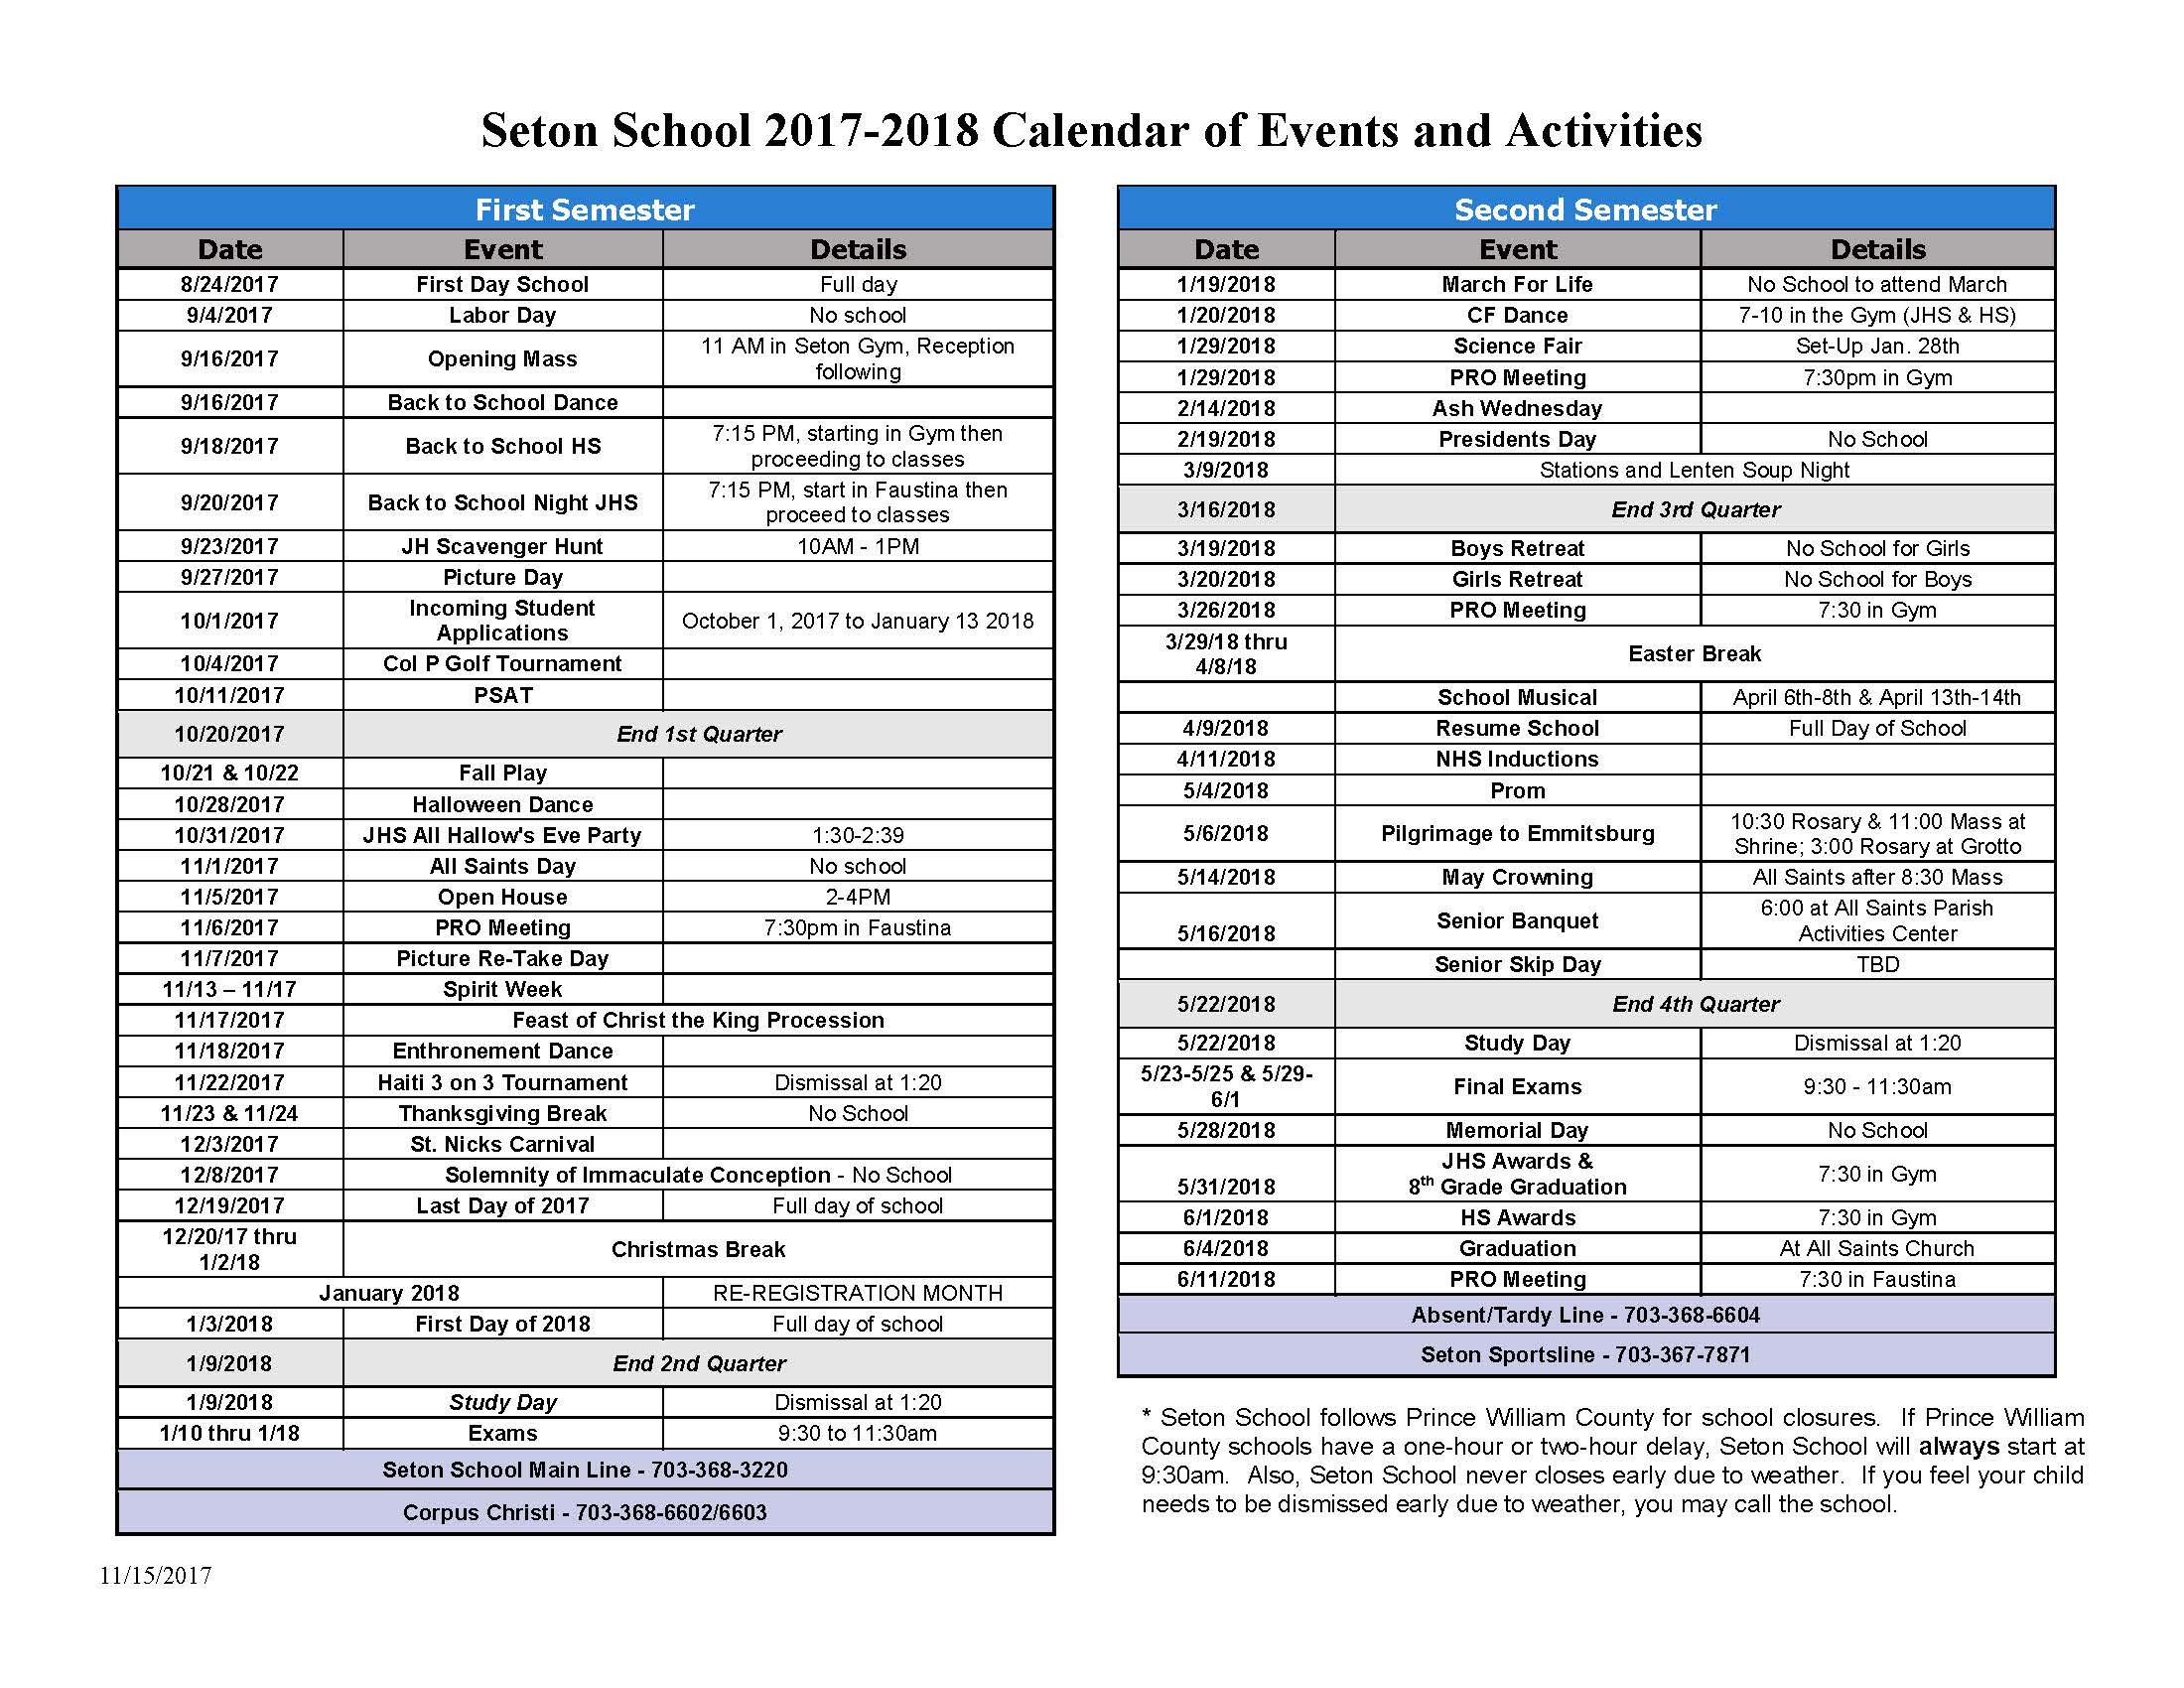 seton school calendar of events and activities